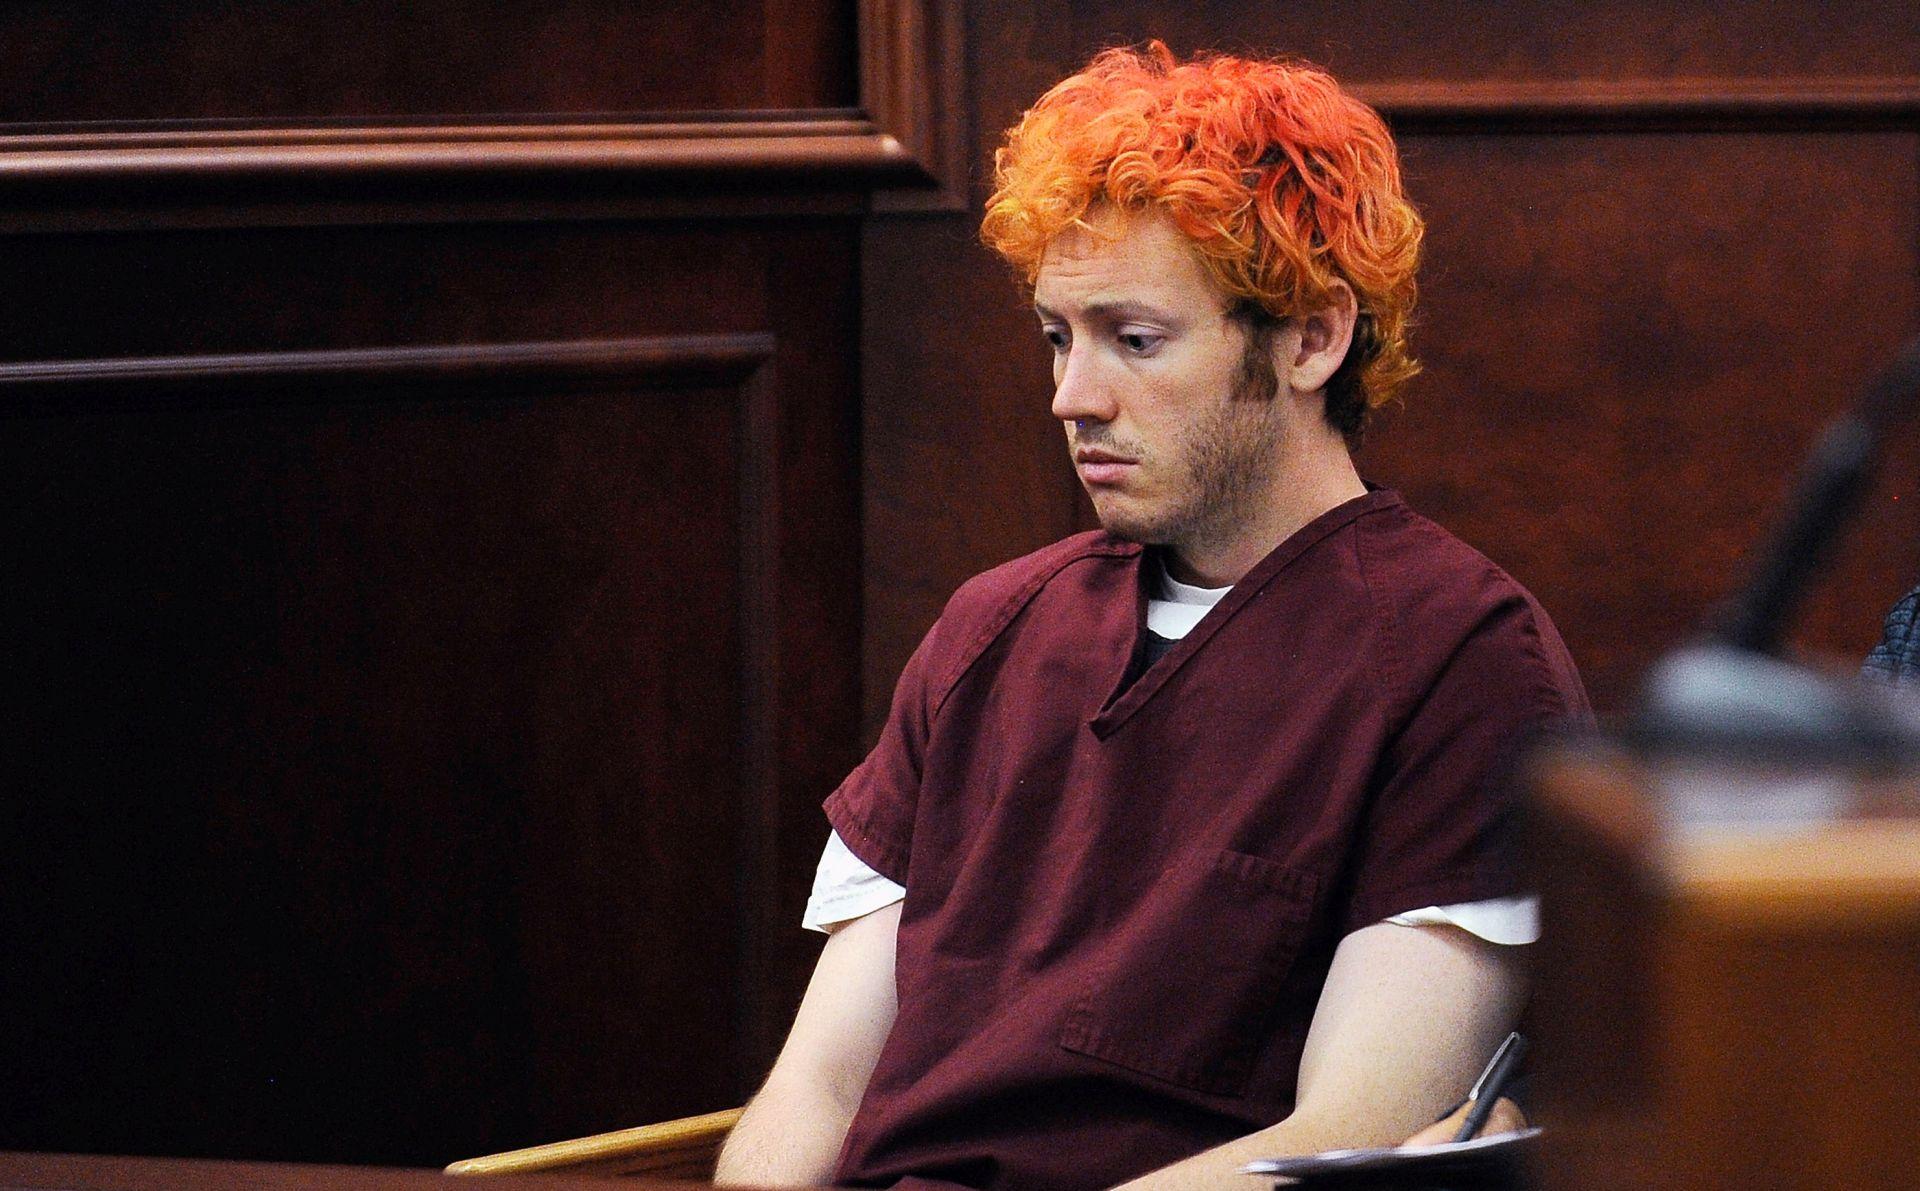 POBIO 12 I RANIO 70 LJUDI Masovni ubojica iz Aurore proglašen krivim